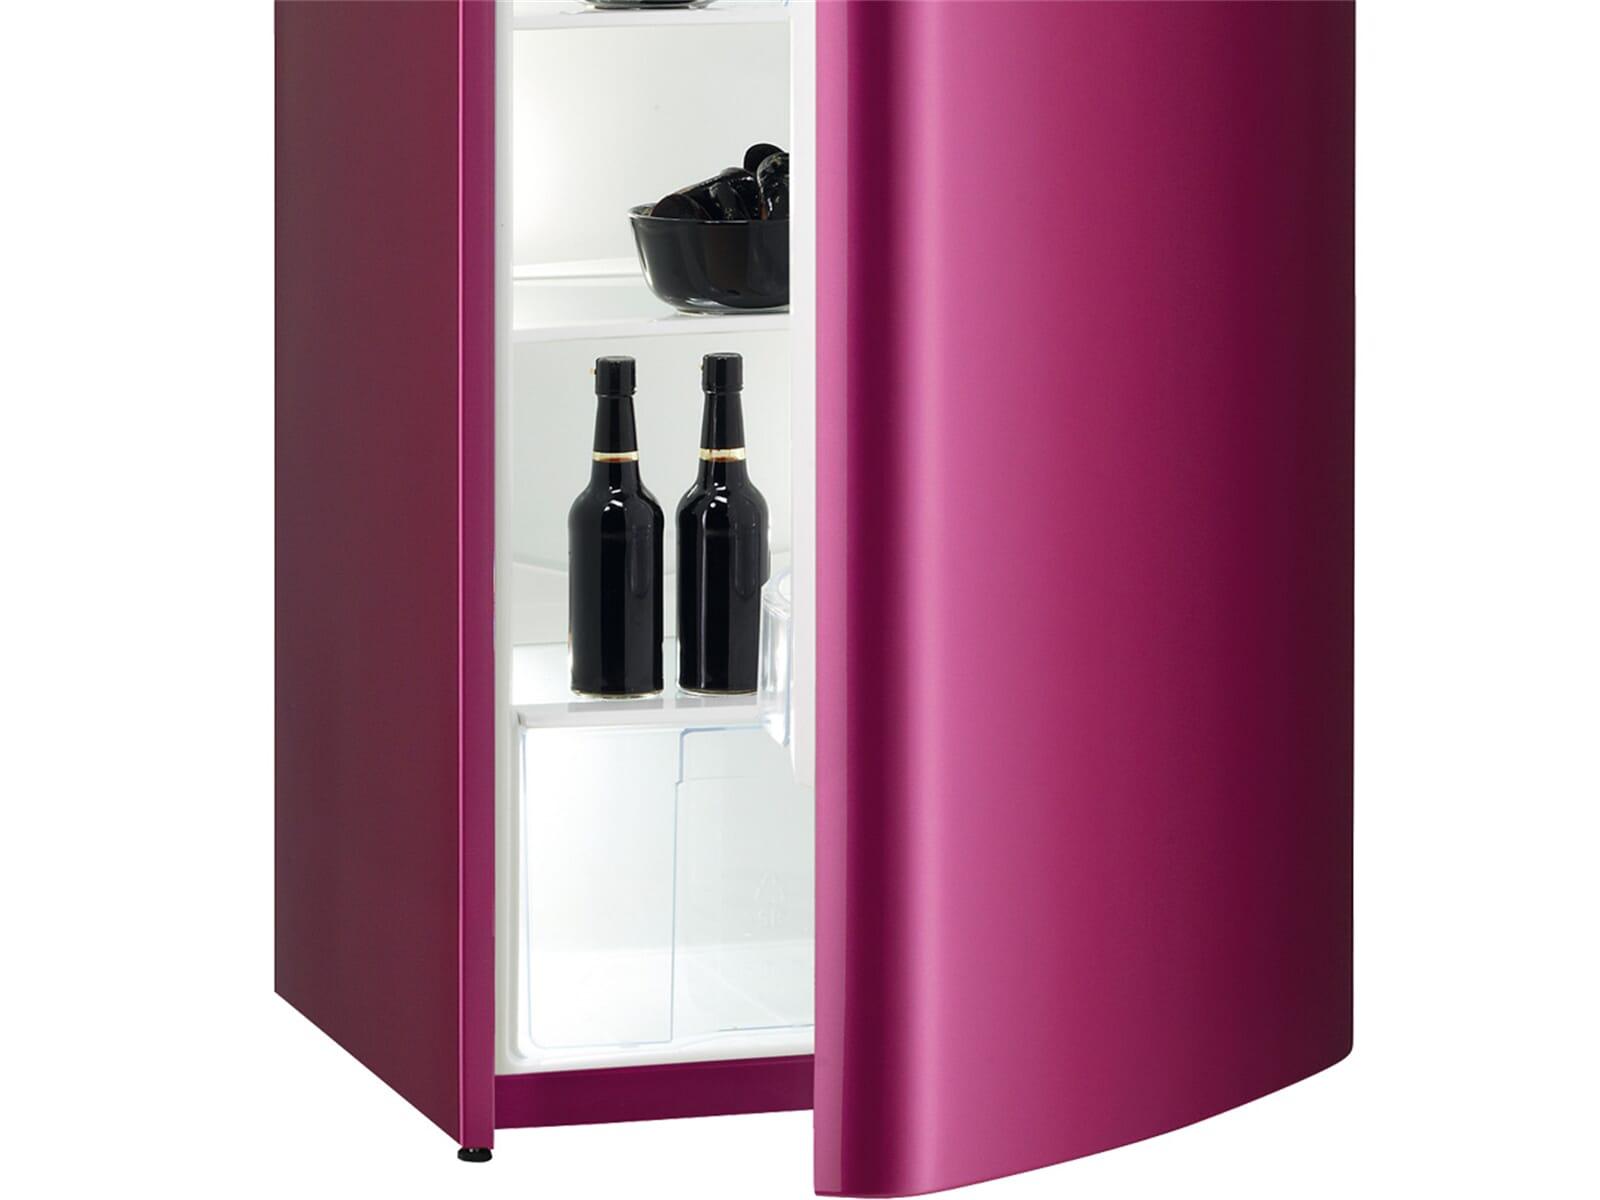 Kühlschrank Pink : Gorenje kühlschrank pink gorenje r ax kühlschrank a youtube